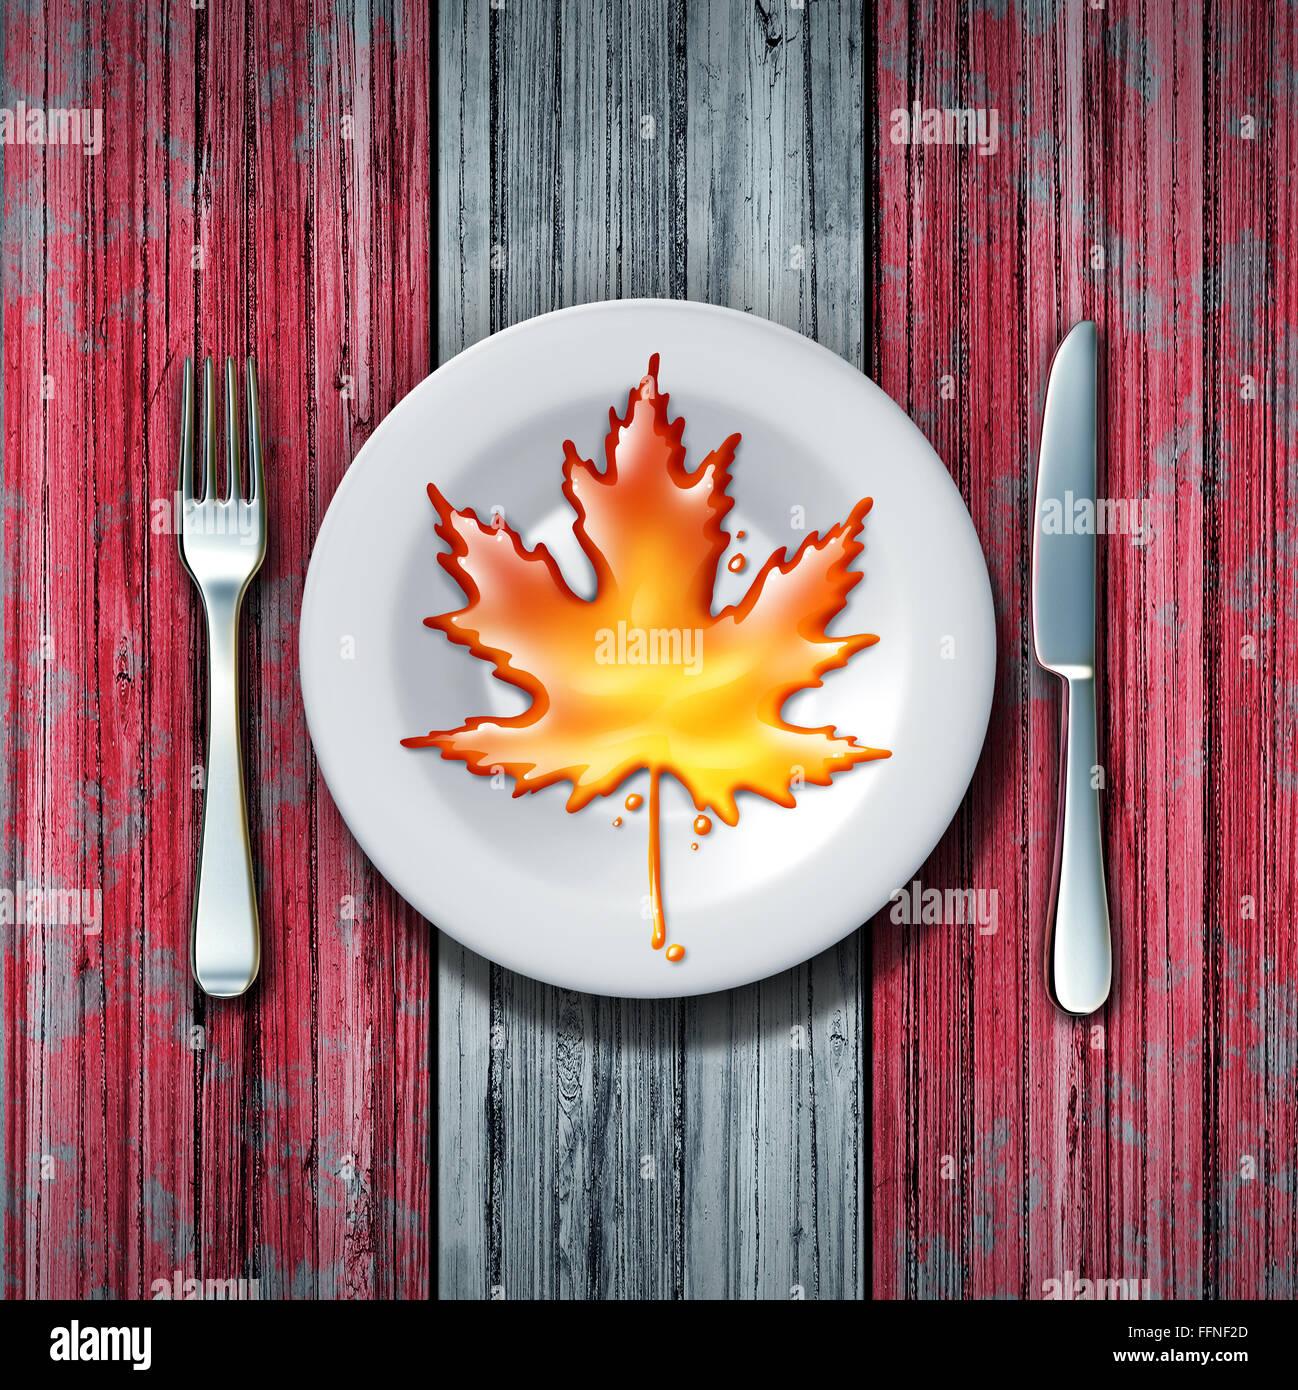 Kanadischer Ahornsirup Blatt auf einem Teller mit Gabel und Messer als eine süße golden braun köstliche Stockbild